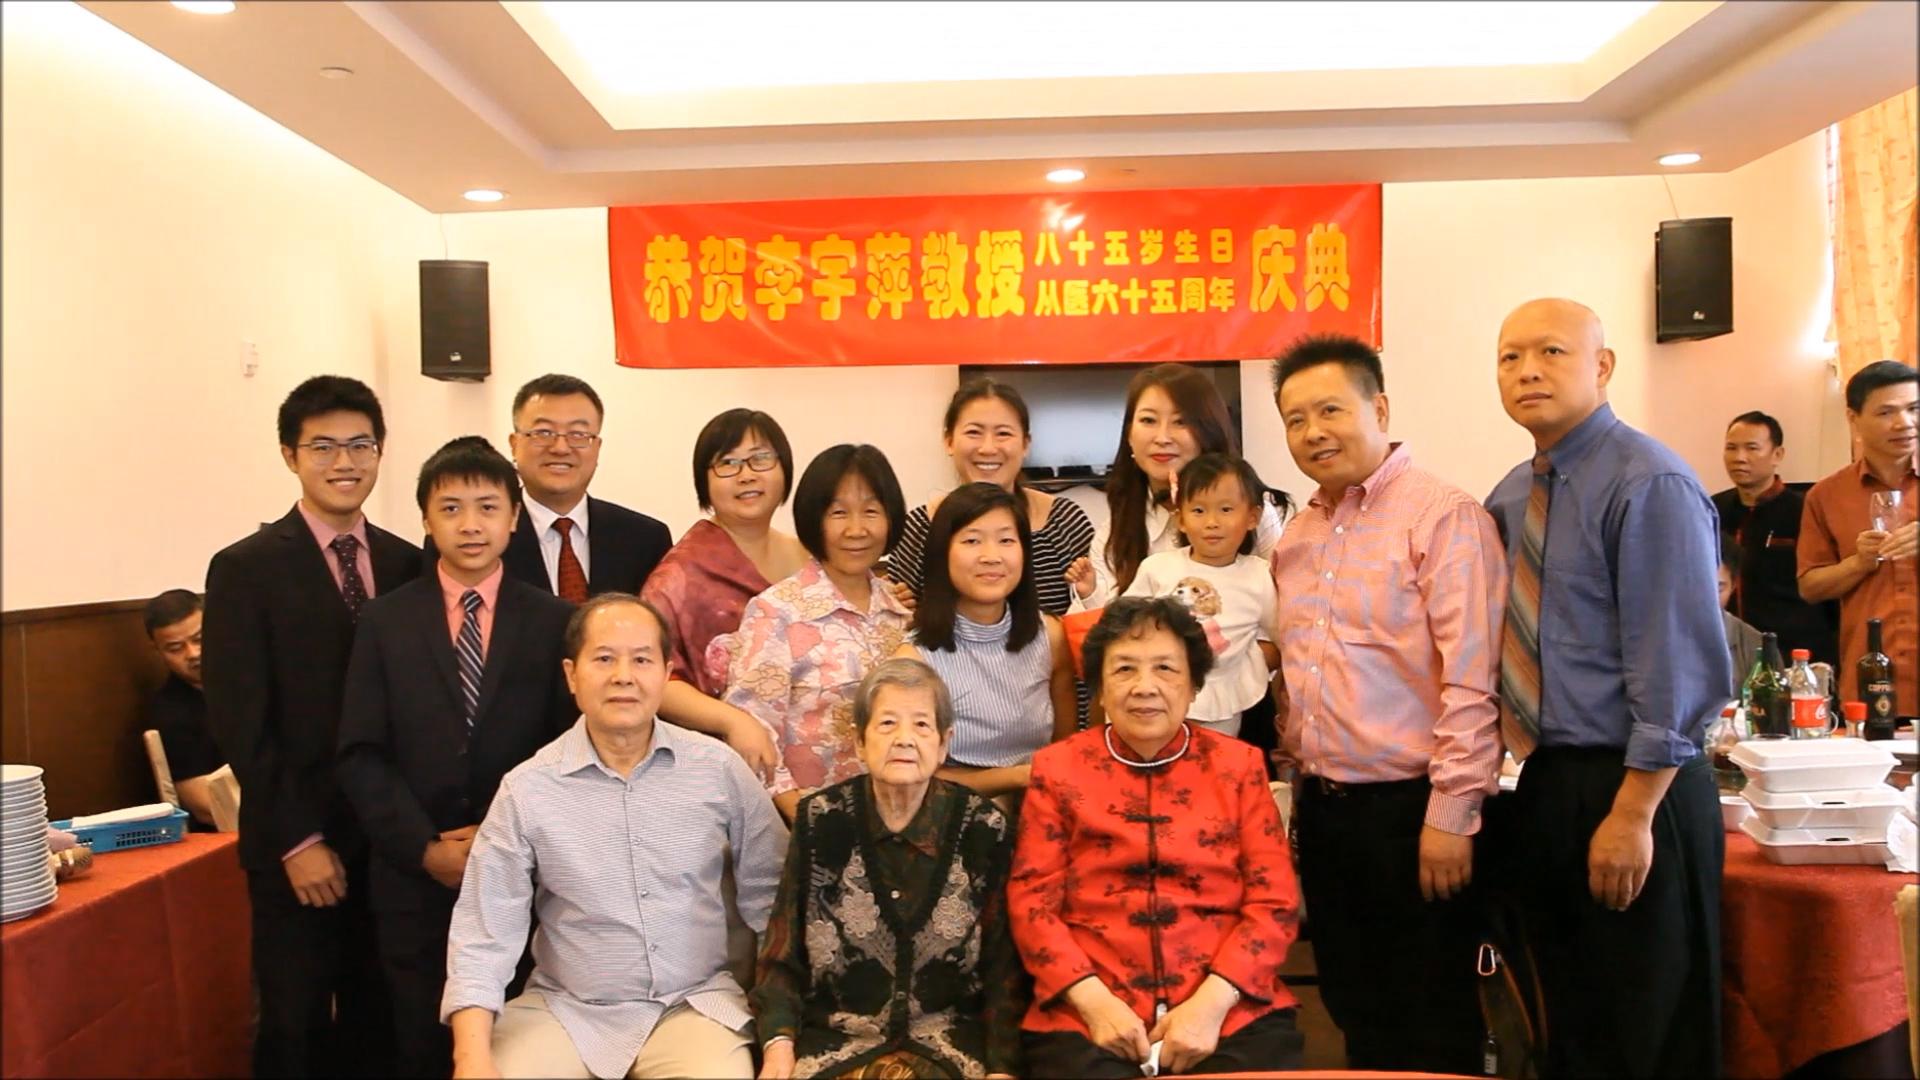 【视频】中山医等校友会庆祝李宇萍教授从医65周年